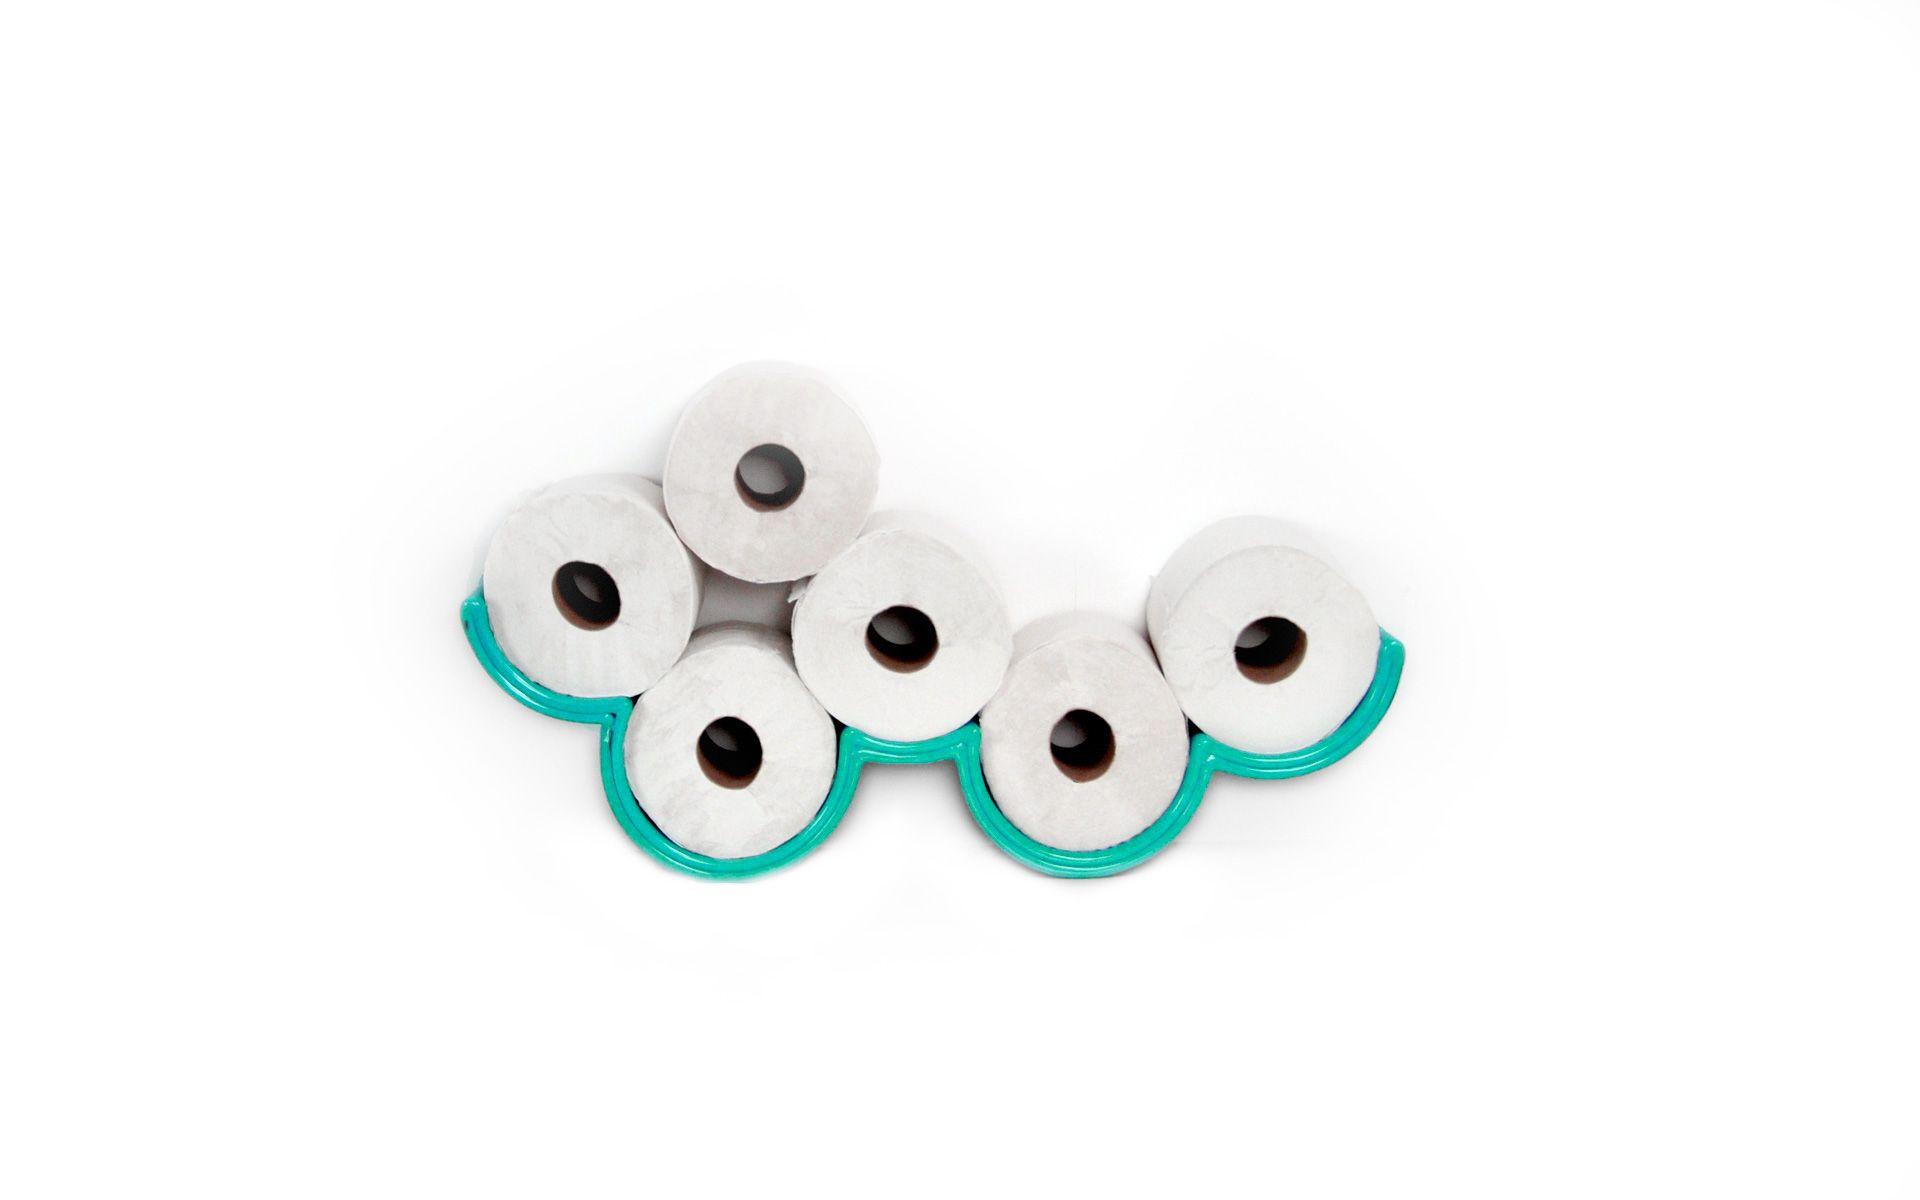 support papier toilette mural recherche google wc pinterest papier toilette objet deco. Black Bedroom Furniture Sets. Home Design Ideas